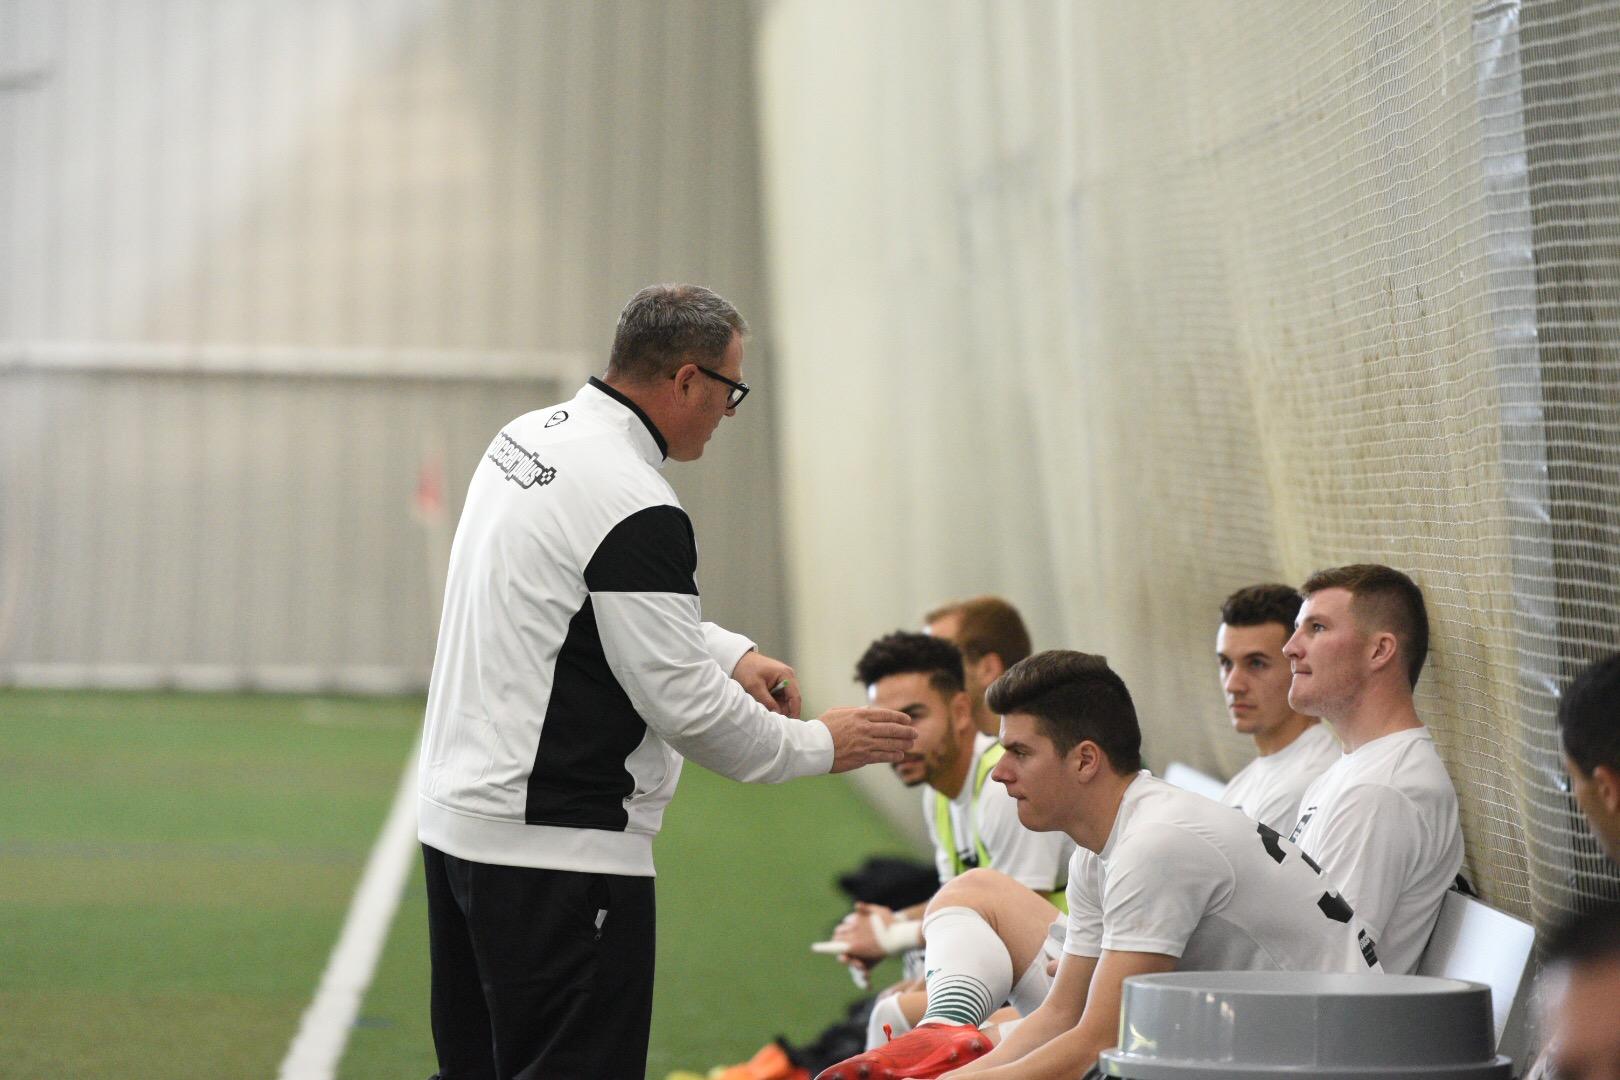 Coach Nick Deren and Team 1